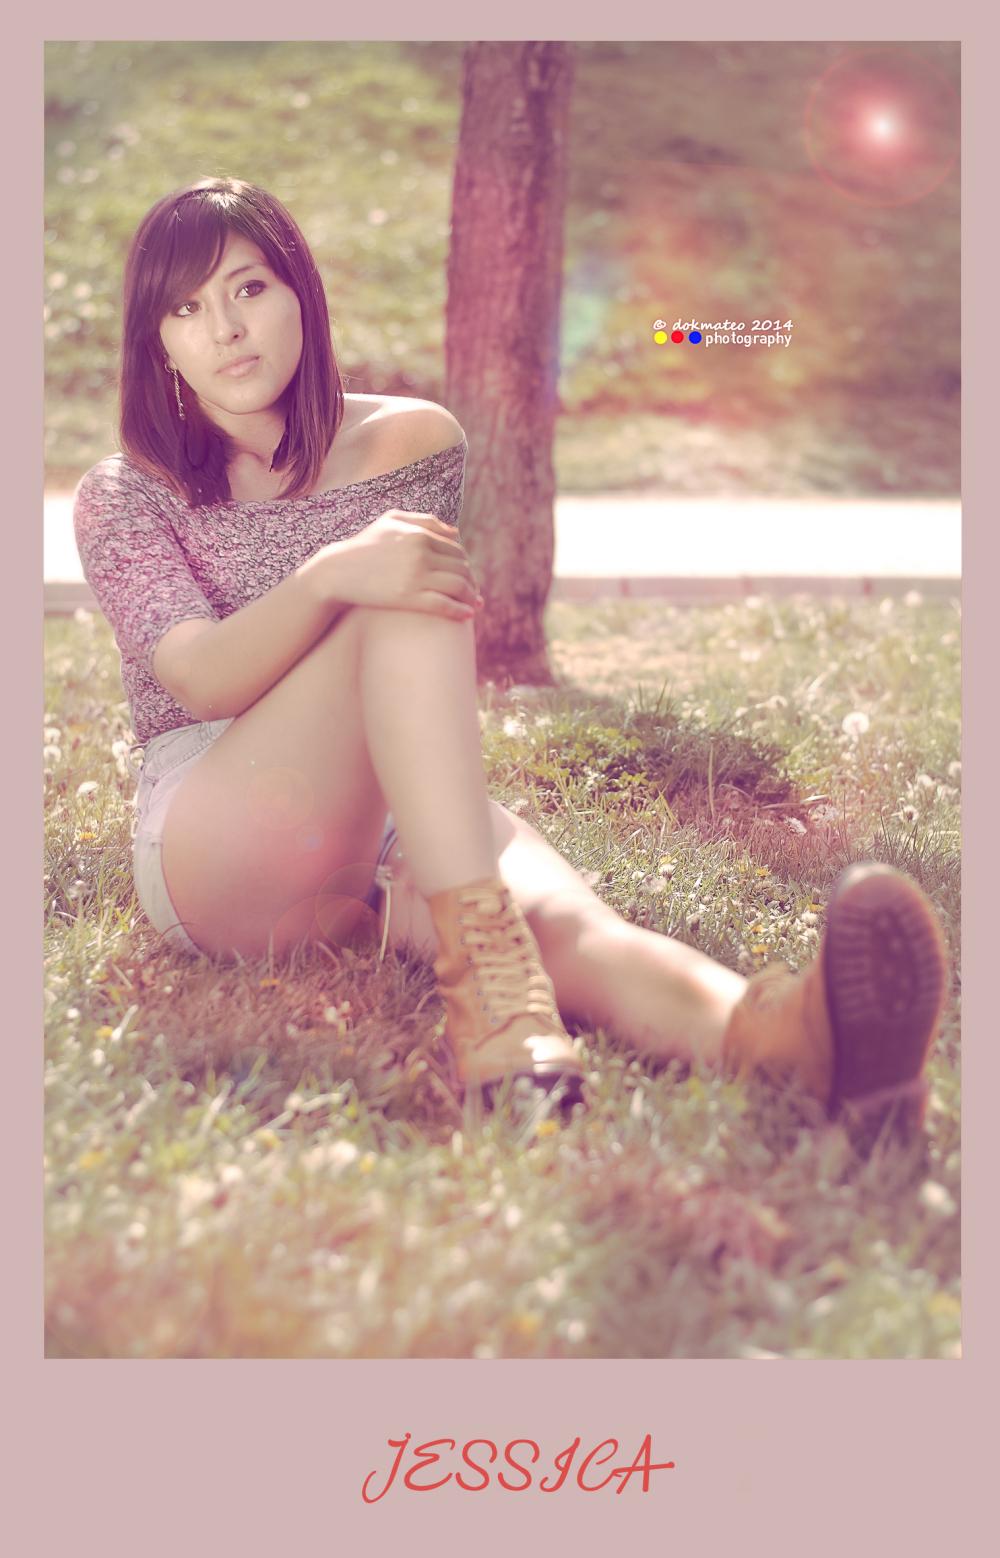 Jessica #1